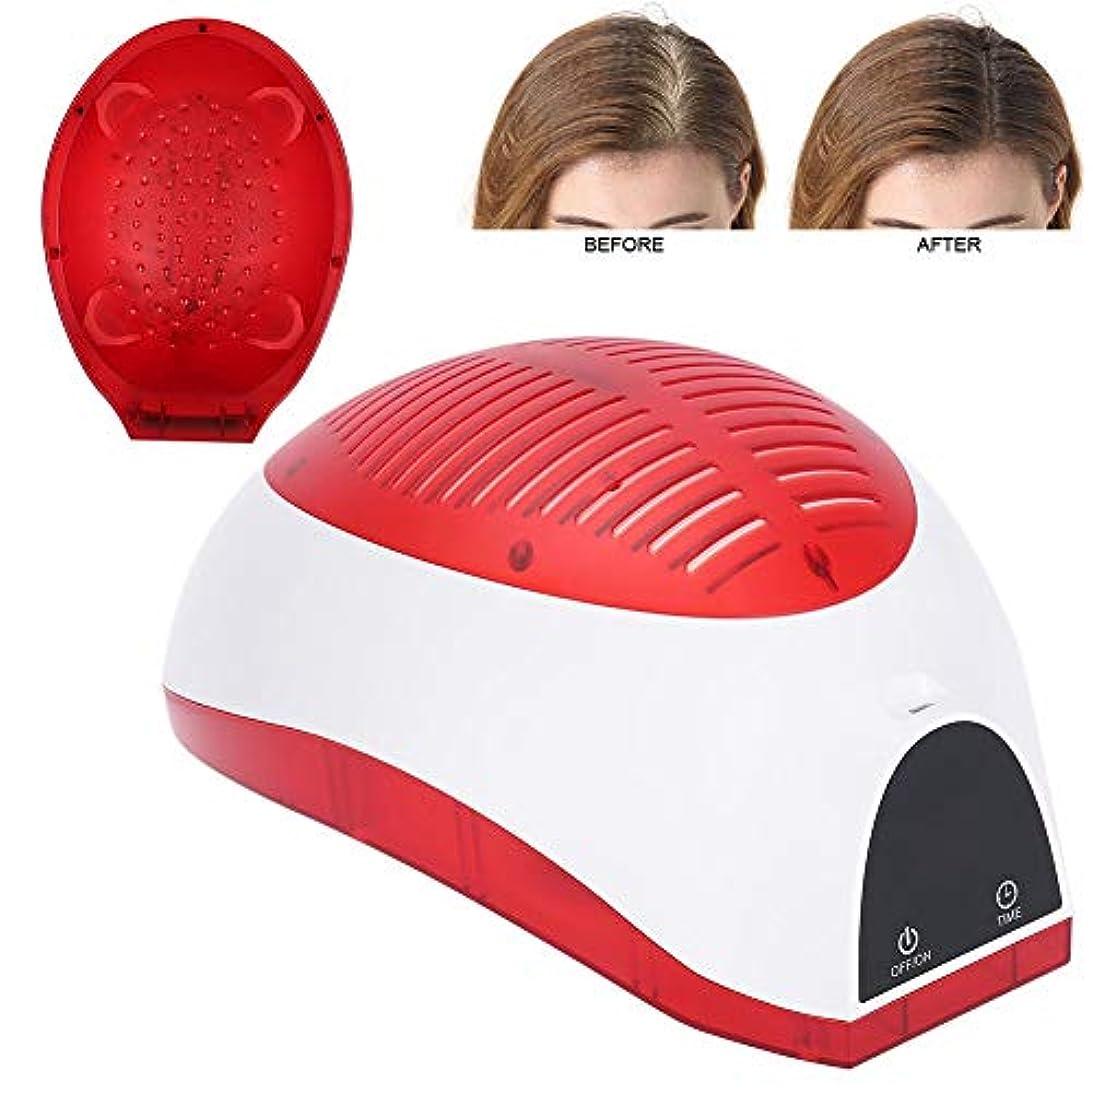 固有のタックル保護する髪の成長のヘルメット、脱毛キャップ、USBの髪の成長の再成長ヘルメット脱毛キャップを減らす髪のキャップヘルメット